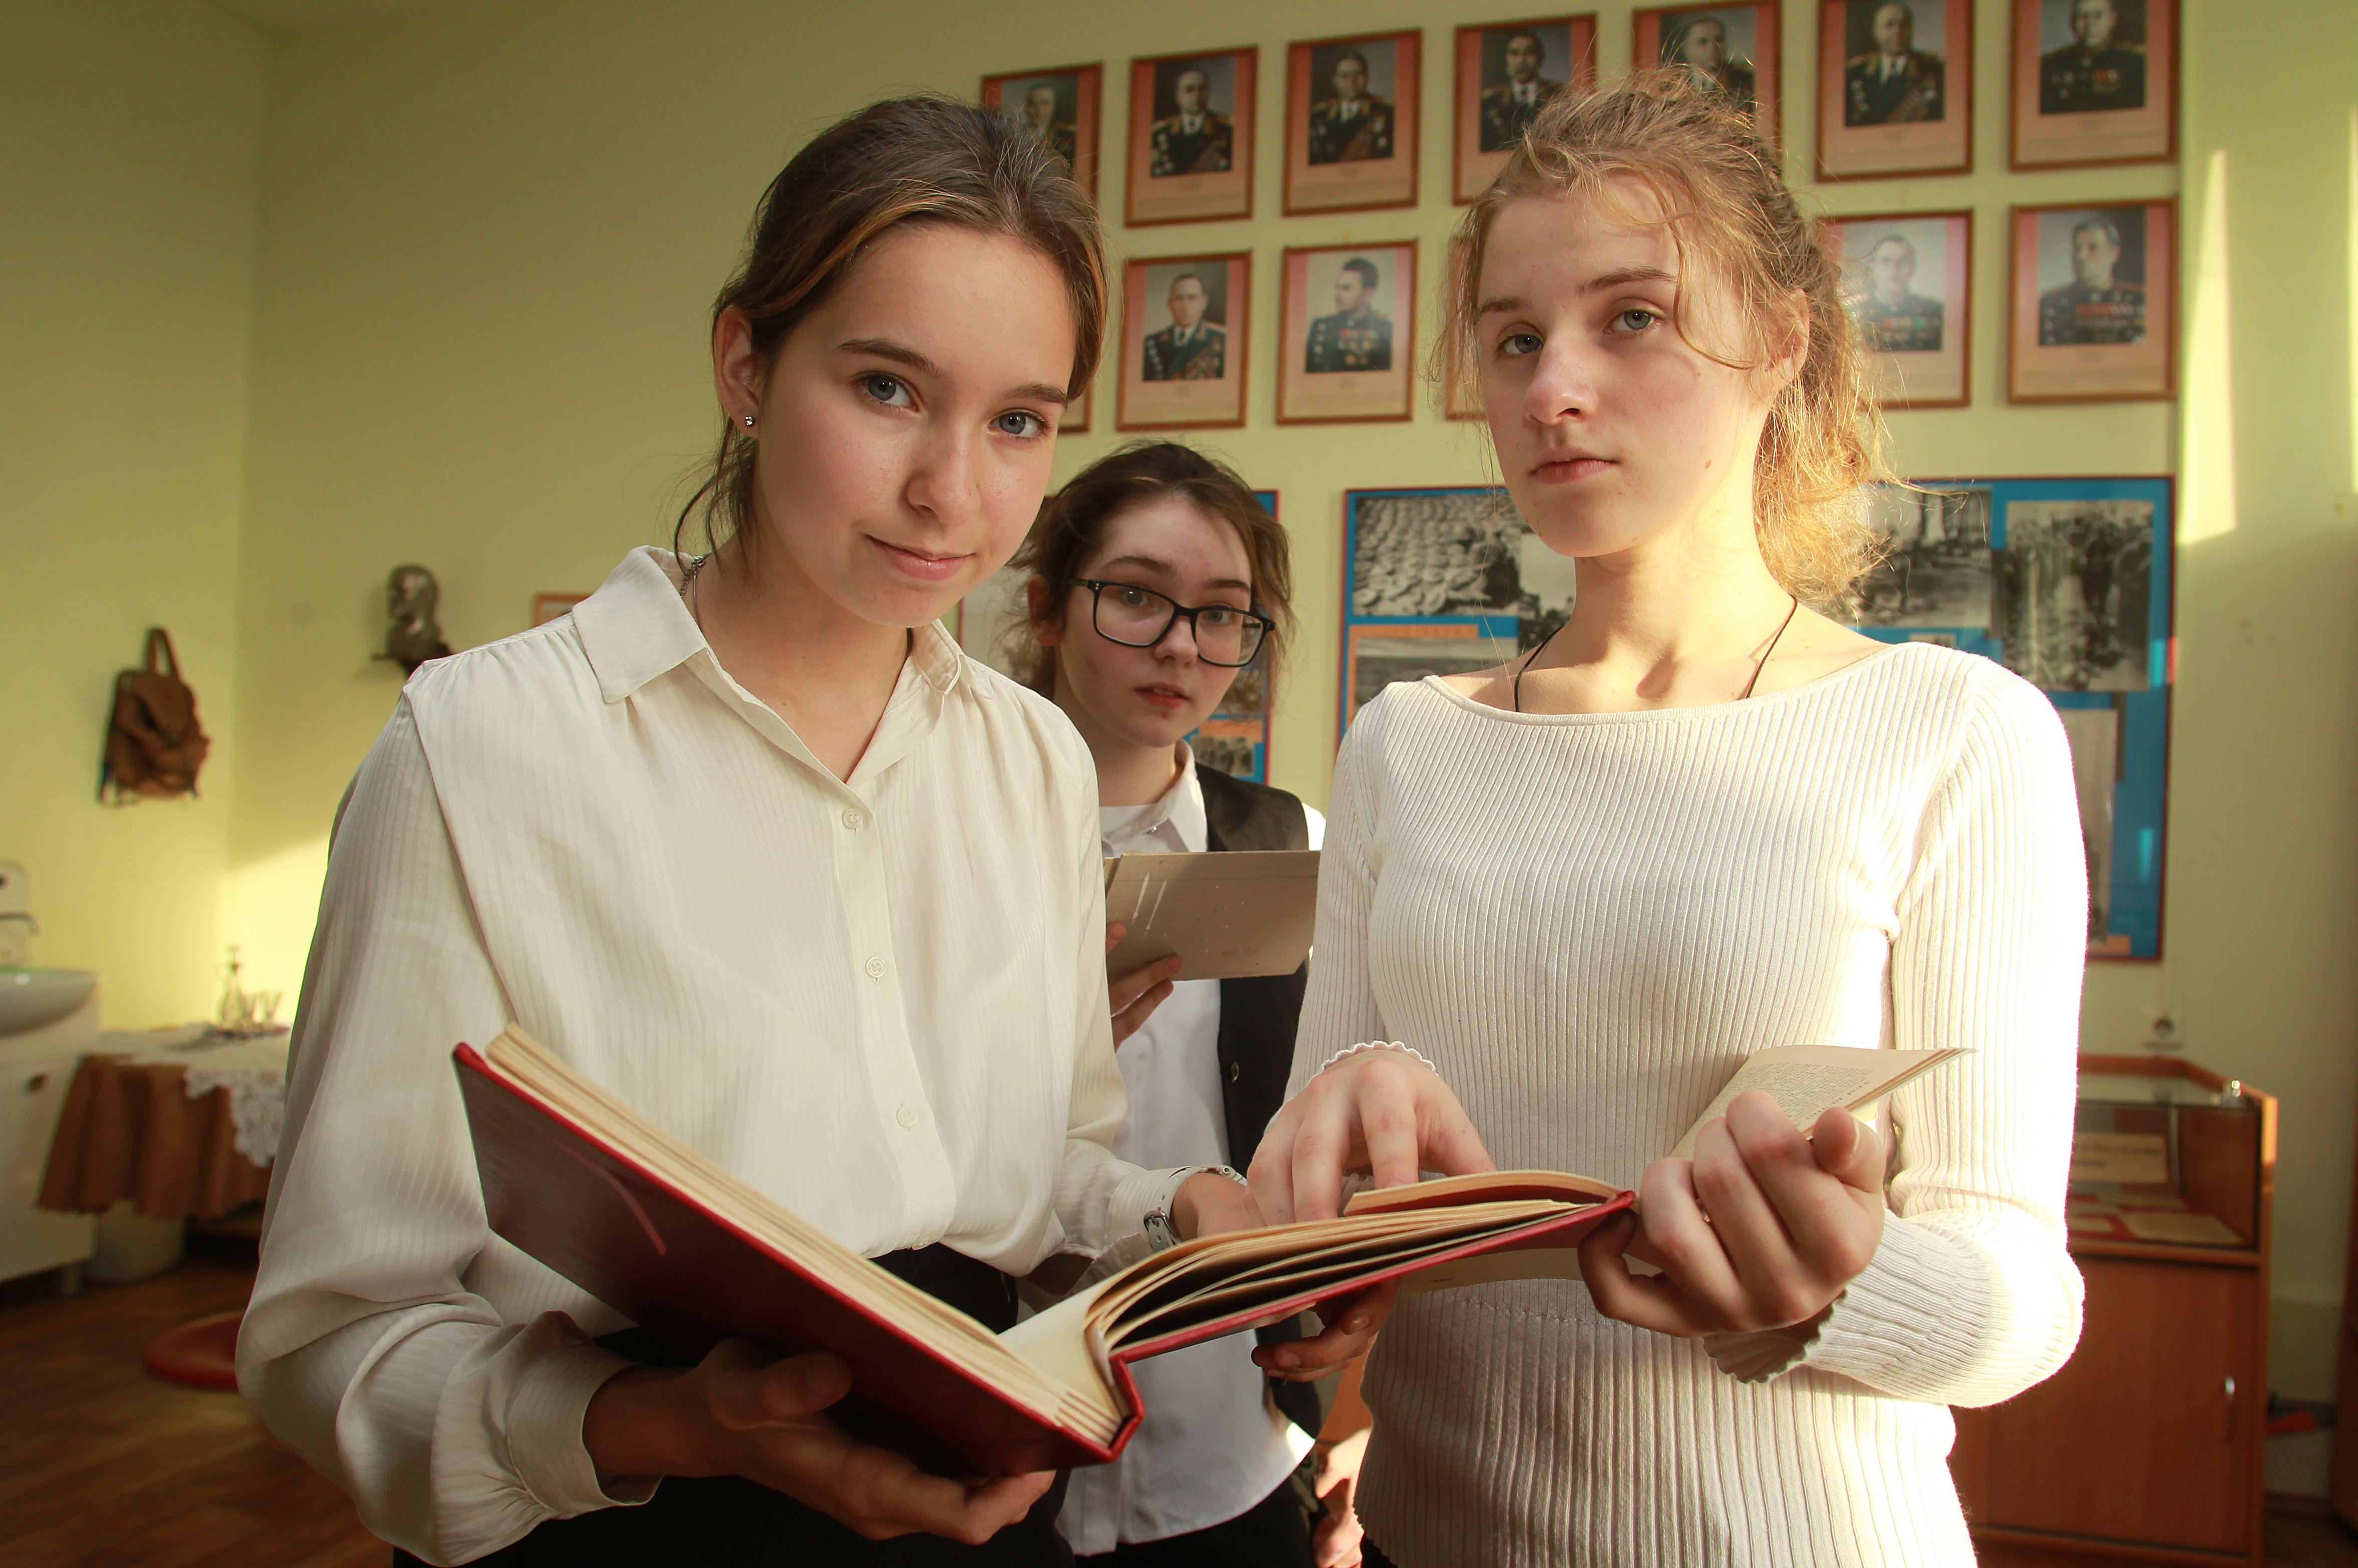 Столичных школьников пригласили на онлайн экскурсию по Русскому музею